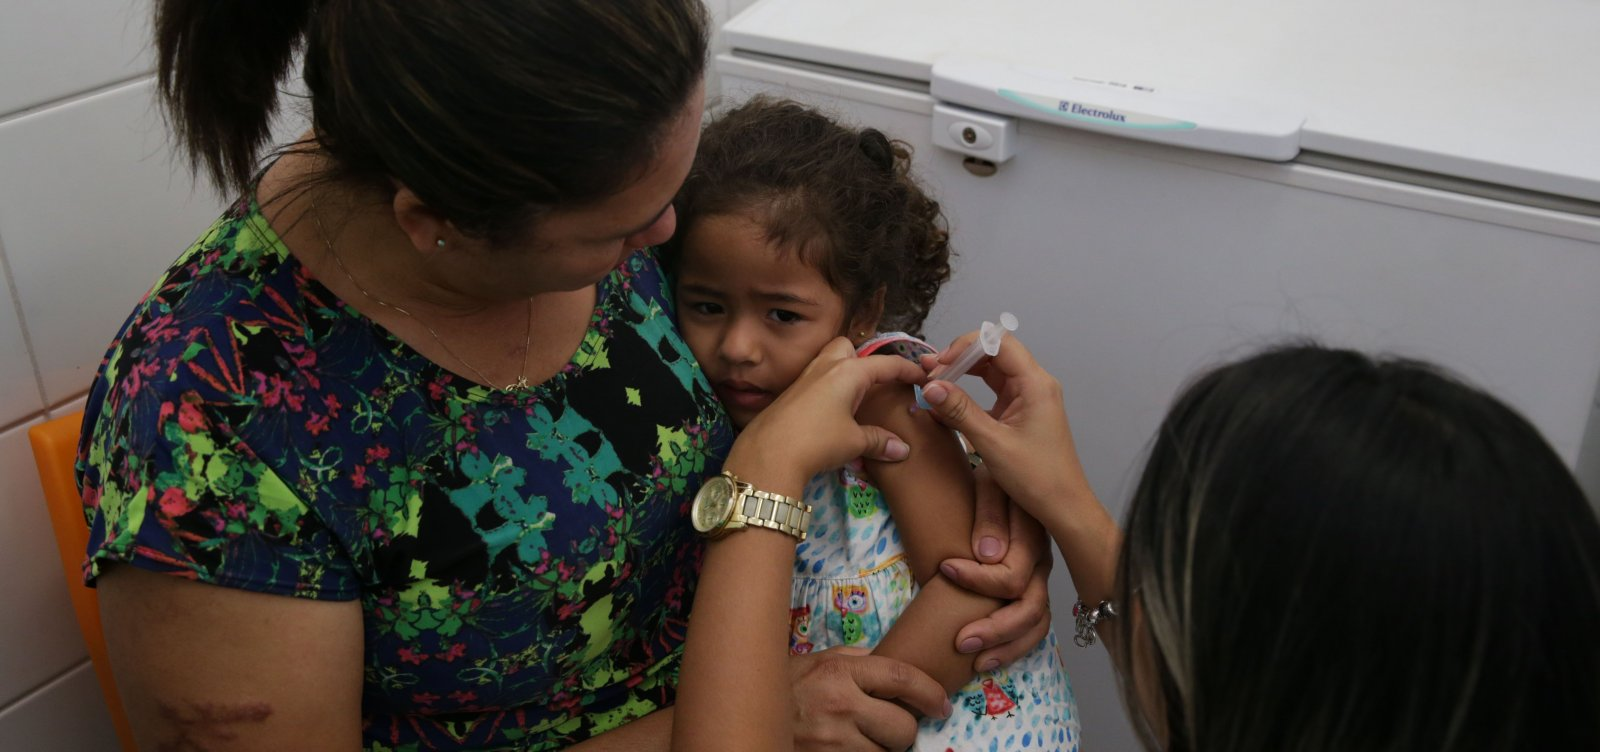 [Fake news sobre vacinas esvaziam postos e podem causar o retorno da poliomielite]